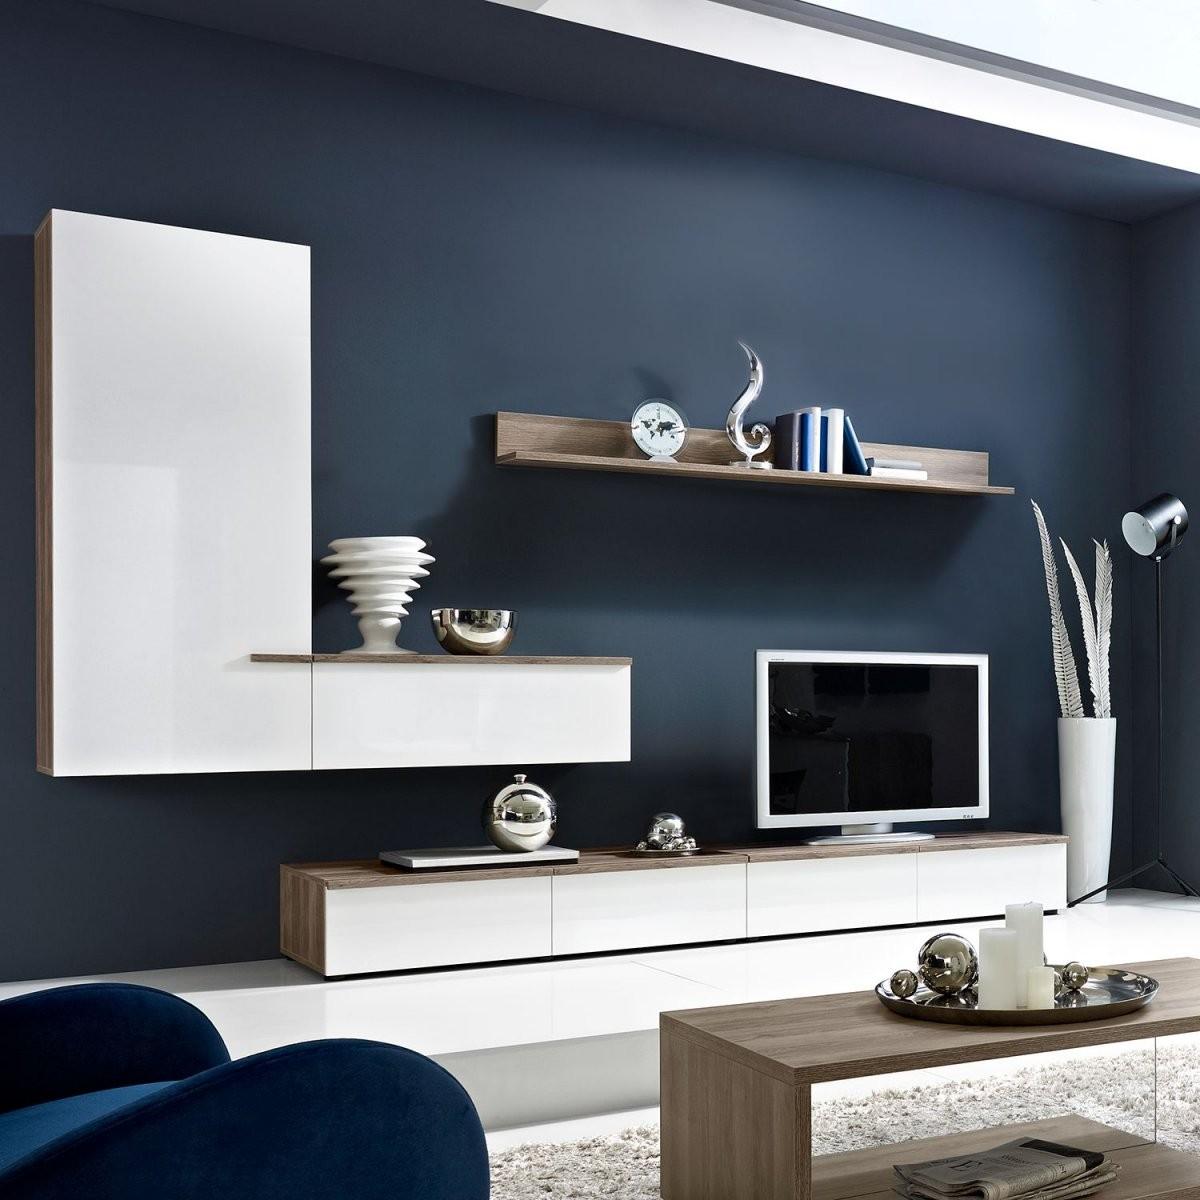 Wohnzimmer Online Günstig Kaufen Über Shop24At  Shop24 von Arte M Wohnwand Feel Photo